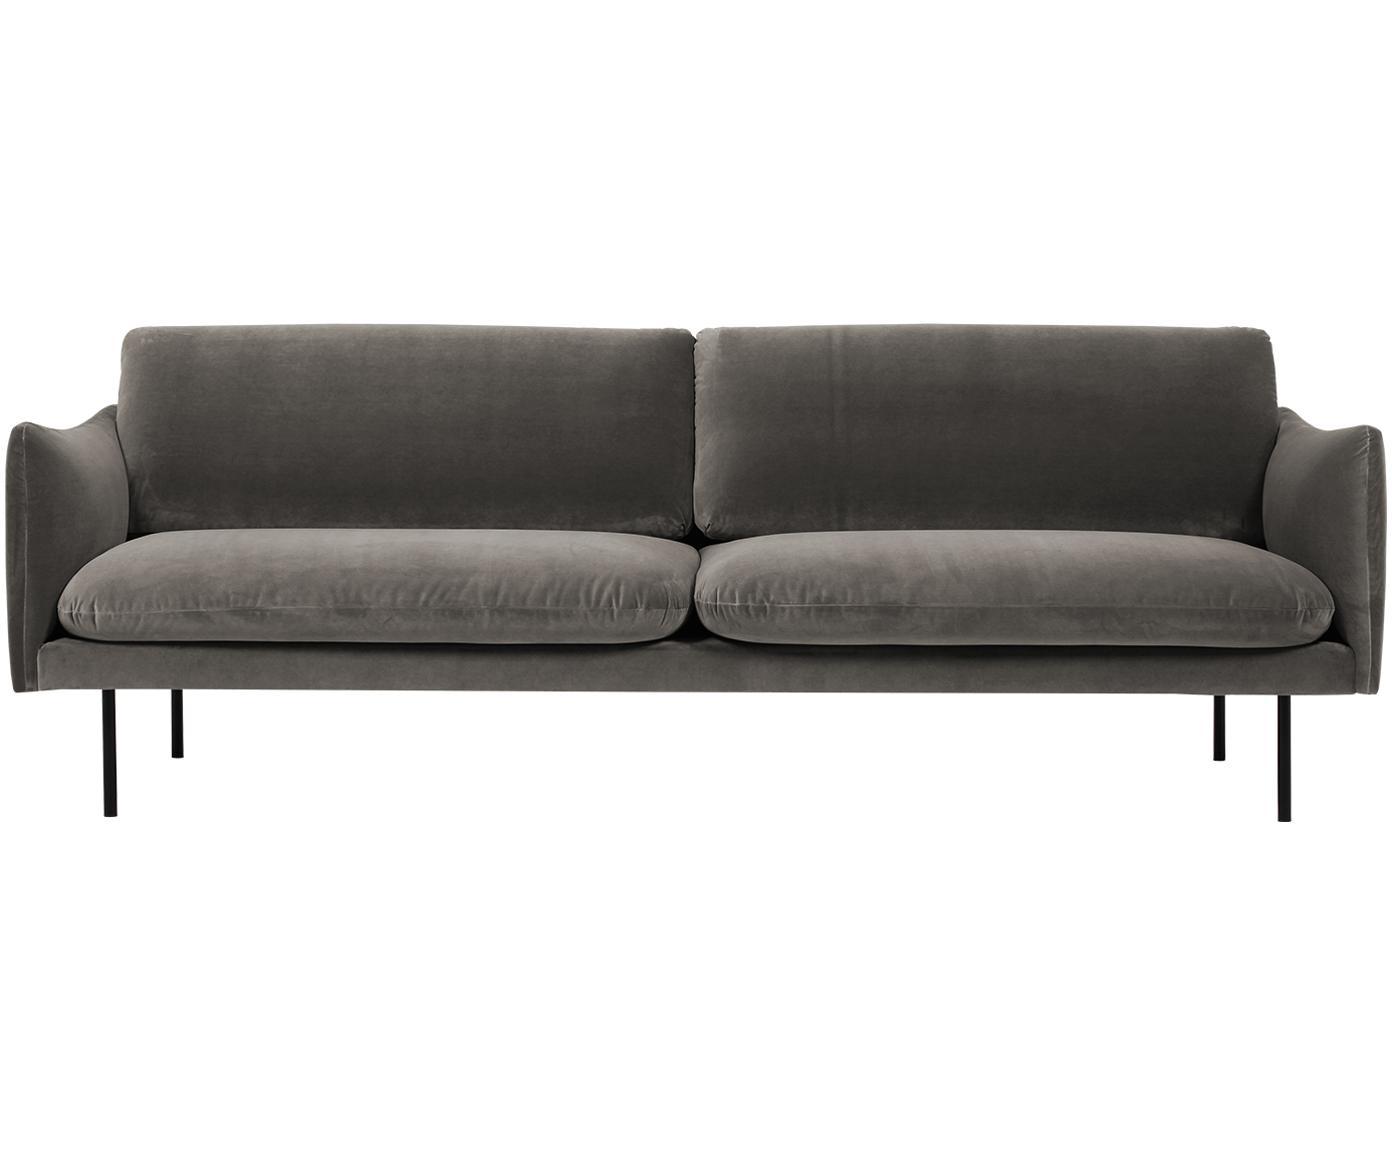 Sofa z aksamitu Moby (3-osobowa), Tapicerka: aksamit (wysokiej jakości, Stelaż: lite drewno sosnowe, Nogi: metal malowany proszkowo, Aksamitny szarobrązowy, S 220 x G 95 cm